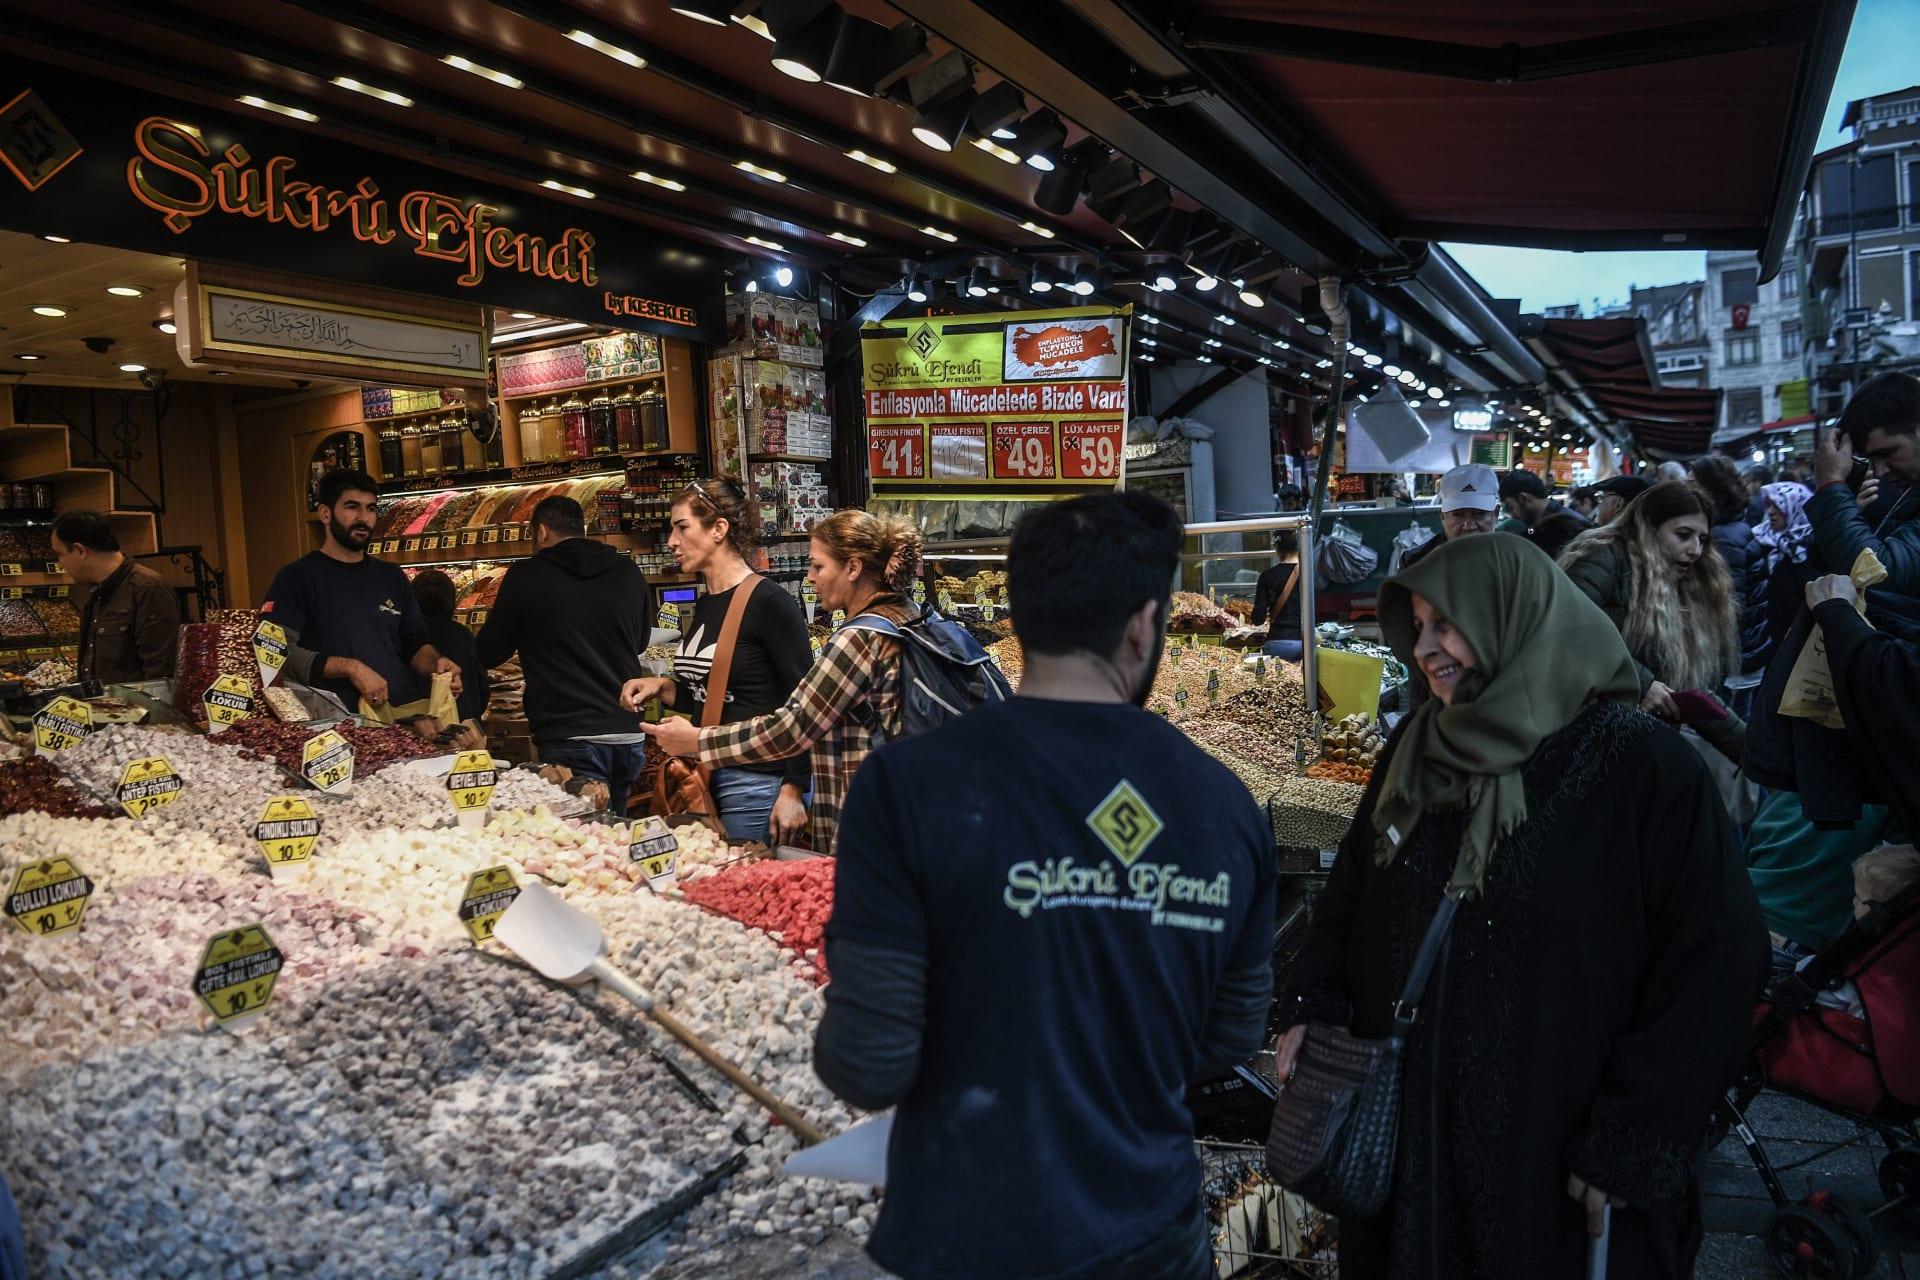 مؤشر ثقة المستهلك التركي تهبط قرب أدنى مستوى في 10 سنوات